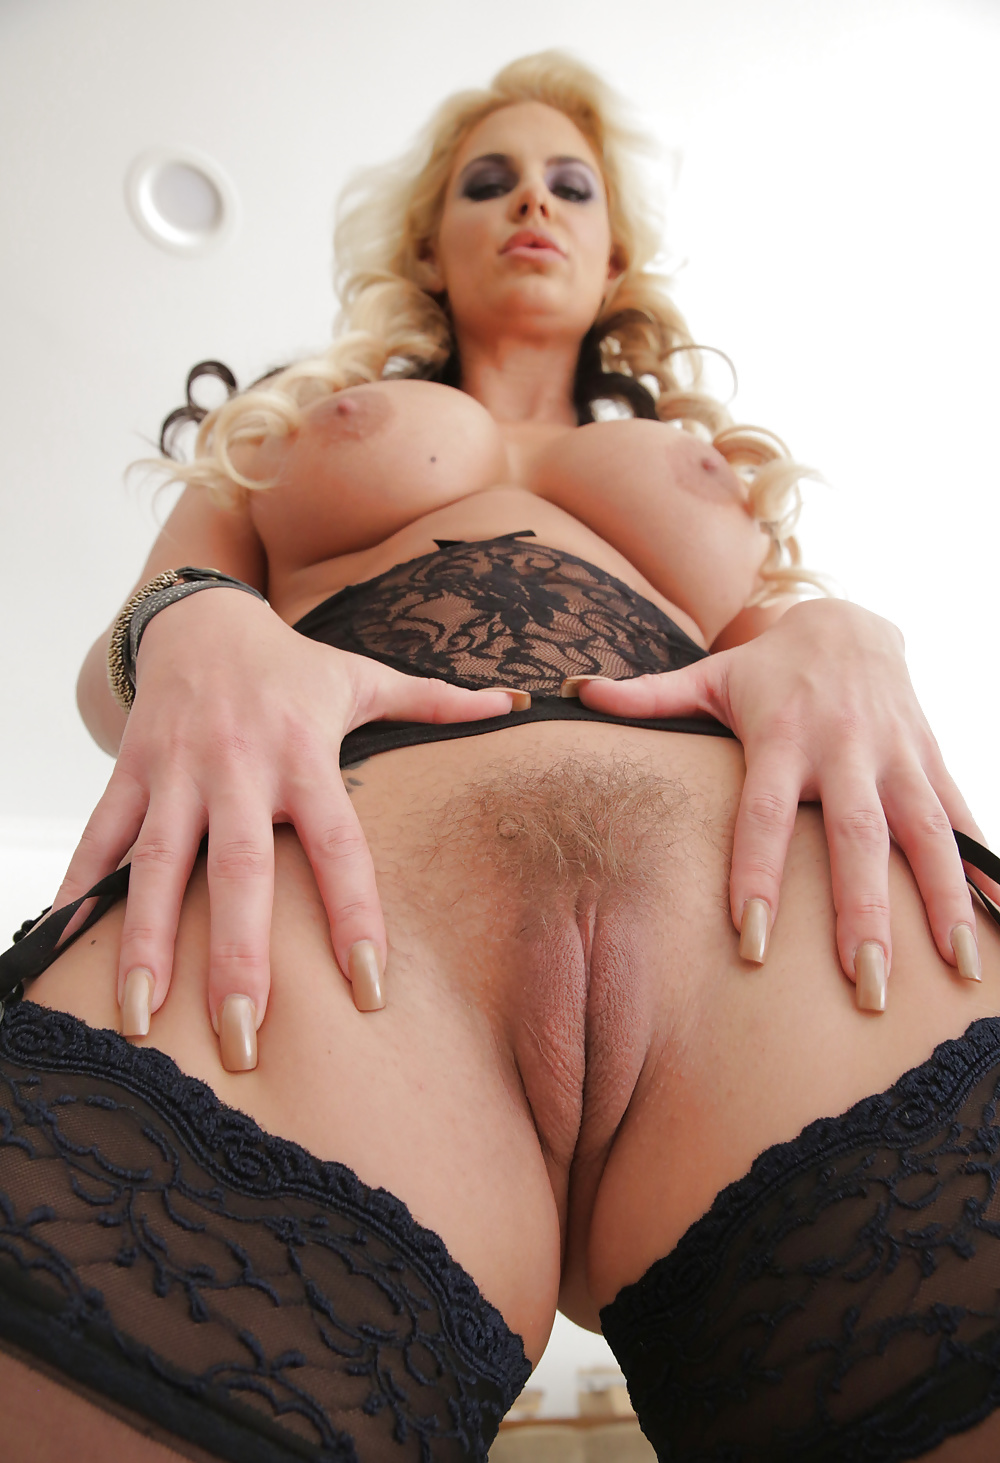 порно фото феникс мари крупным планом секс